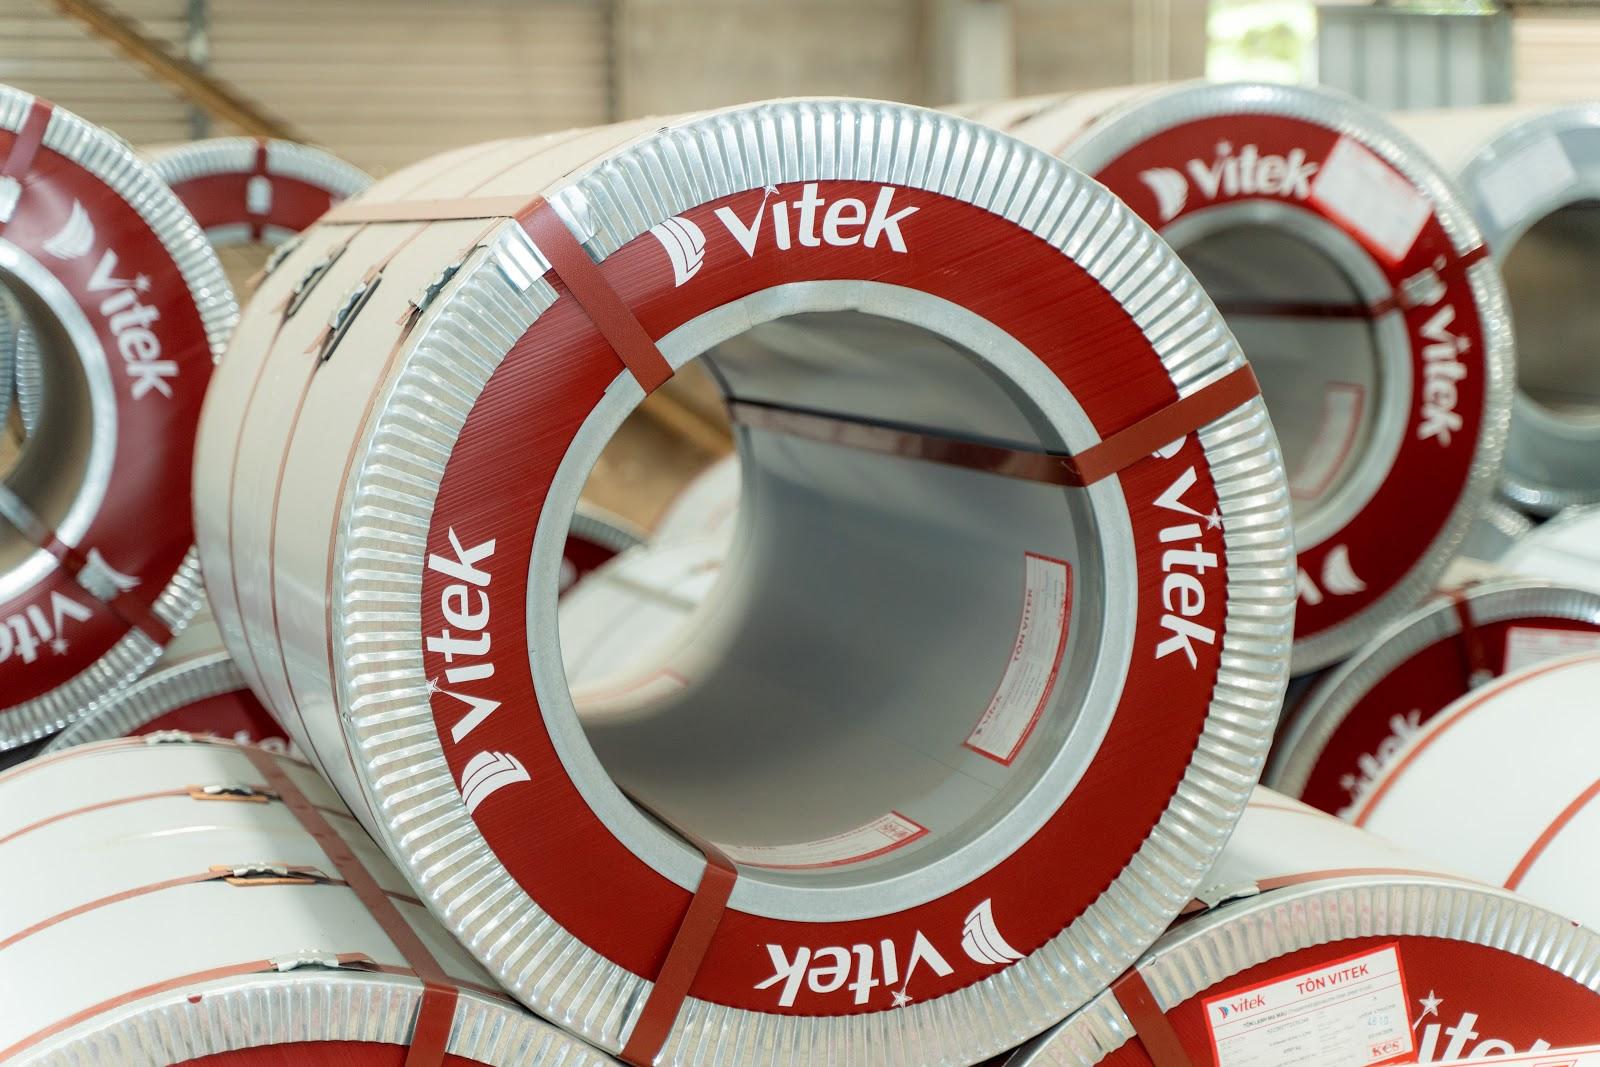 Thép cuộn Vitek với chất lượng đảm bảo và giá thành phải chăng